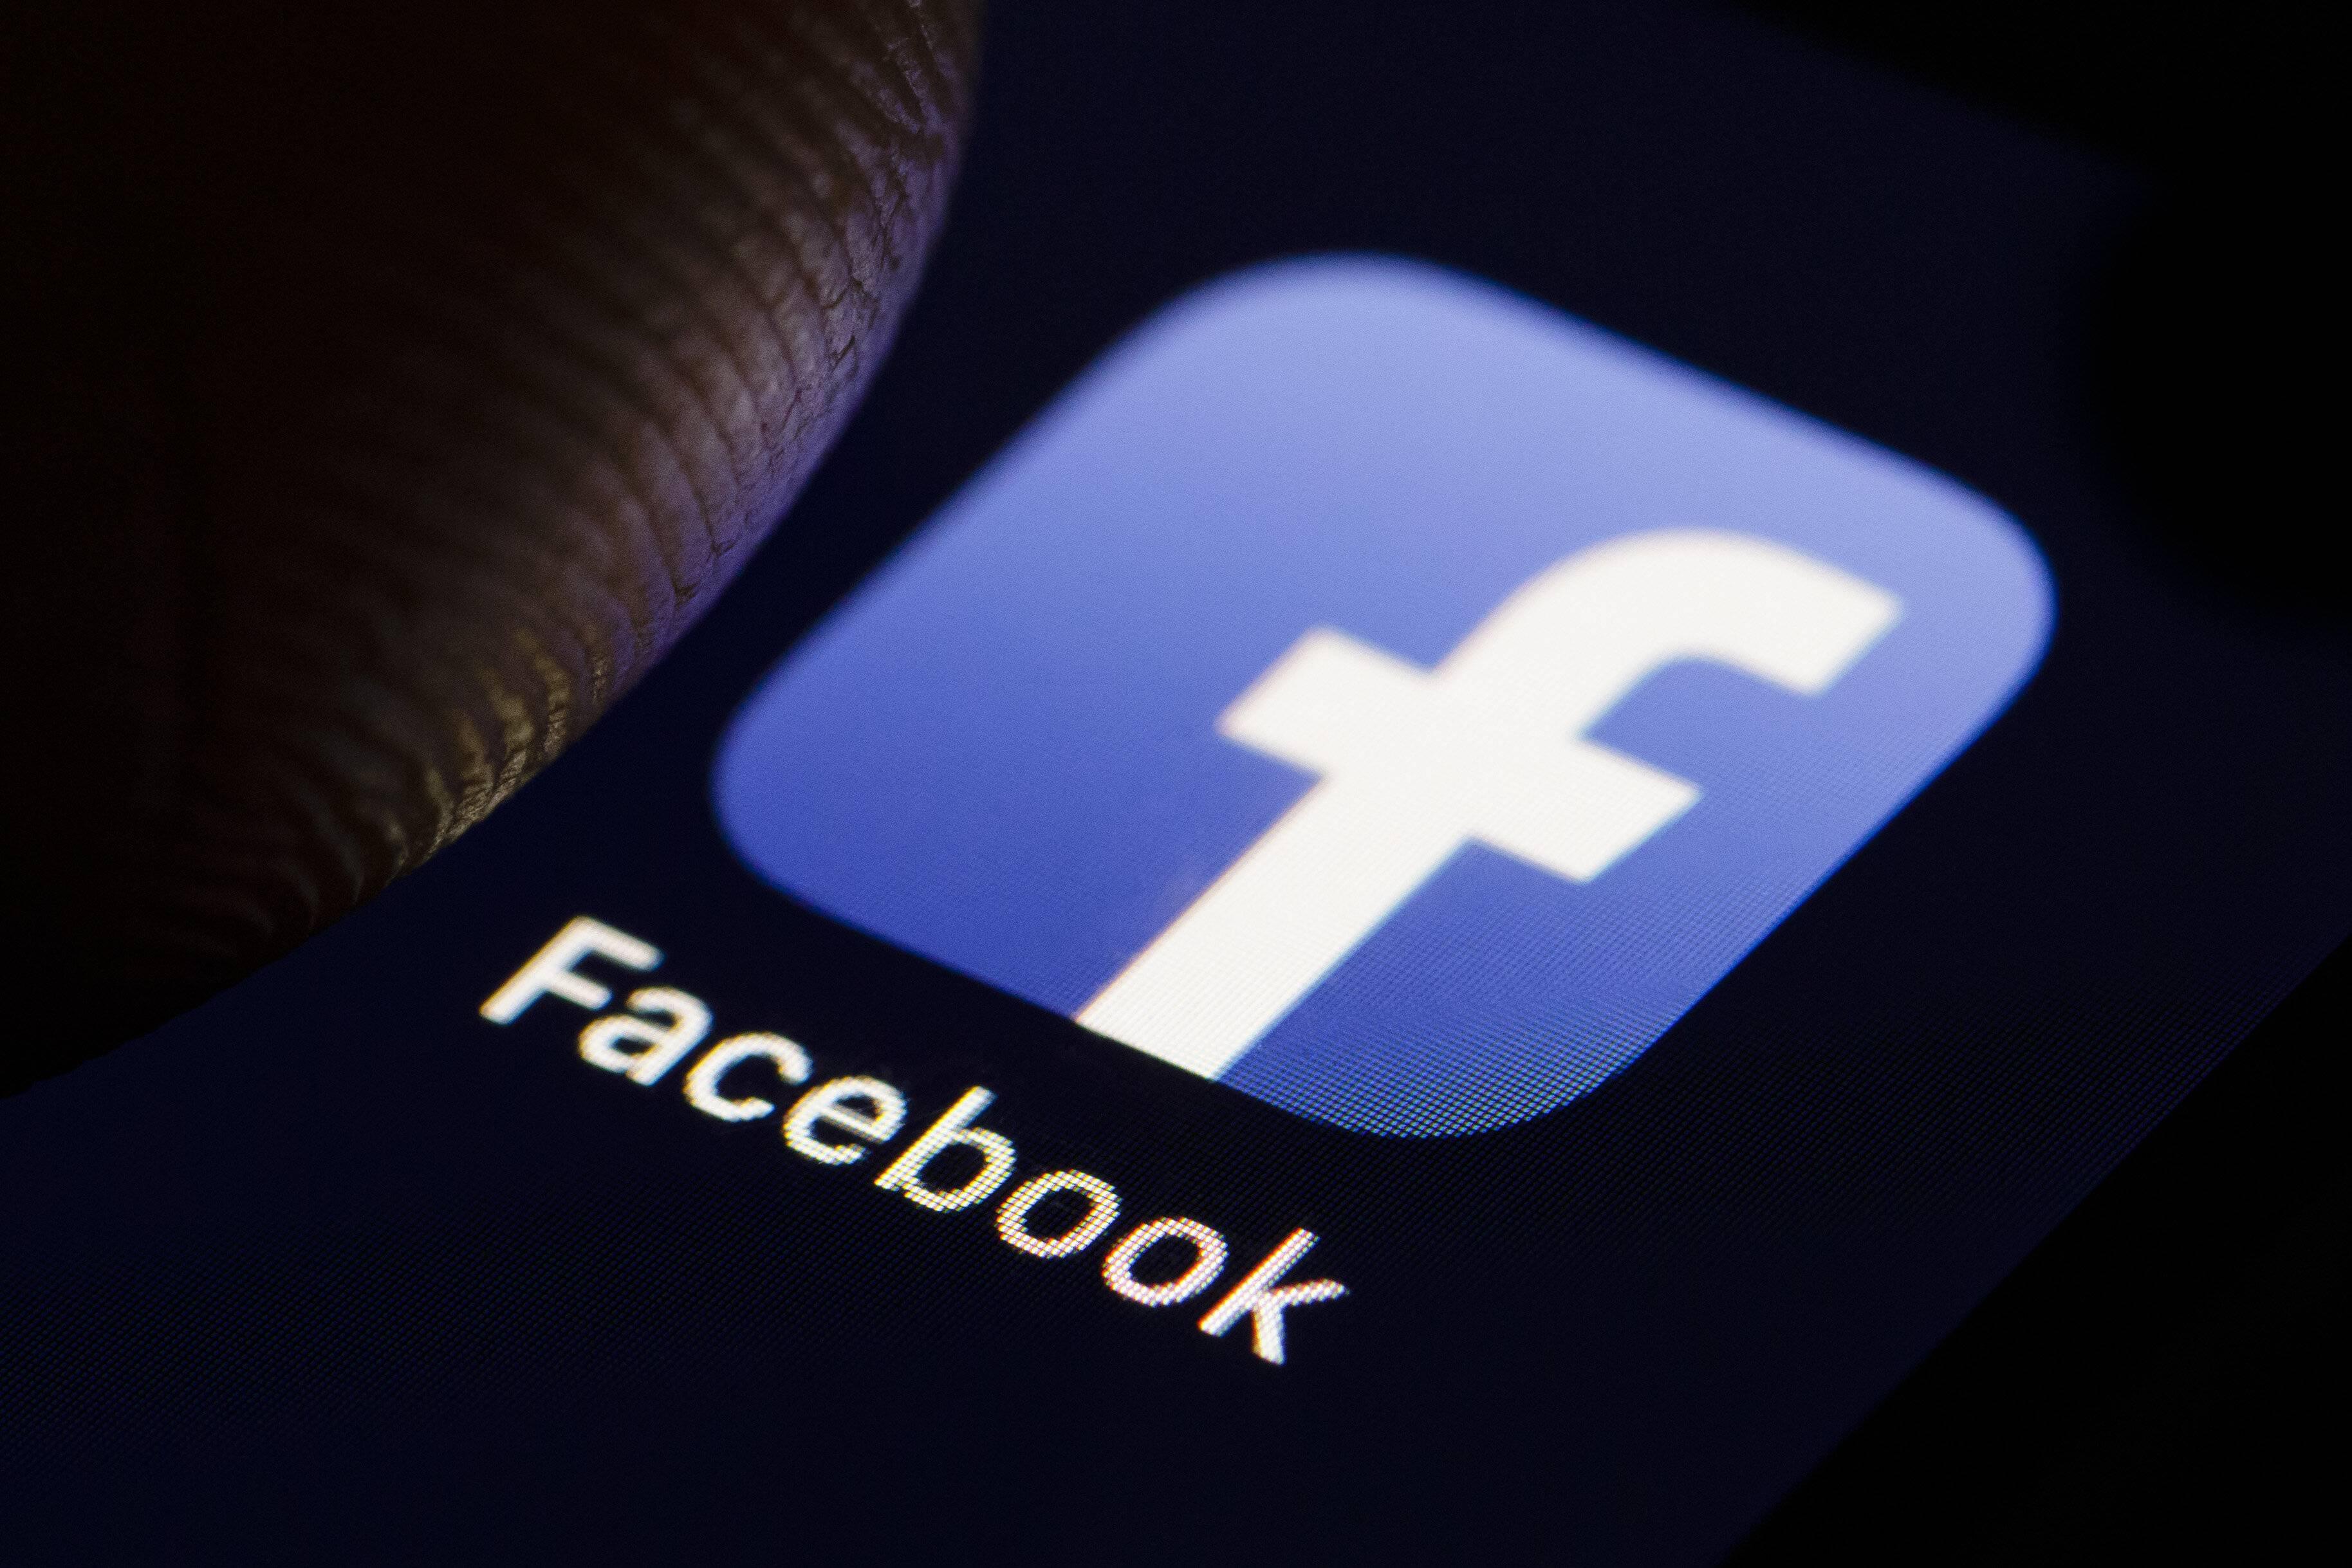 So Bekommt Facebook Daten Von Nutzern Die Keinen Facebook Account